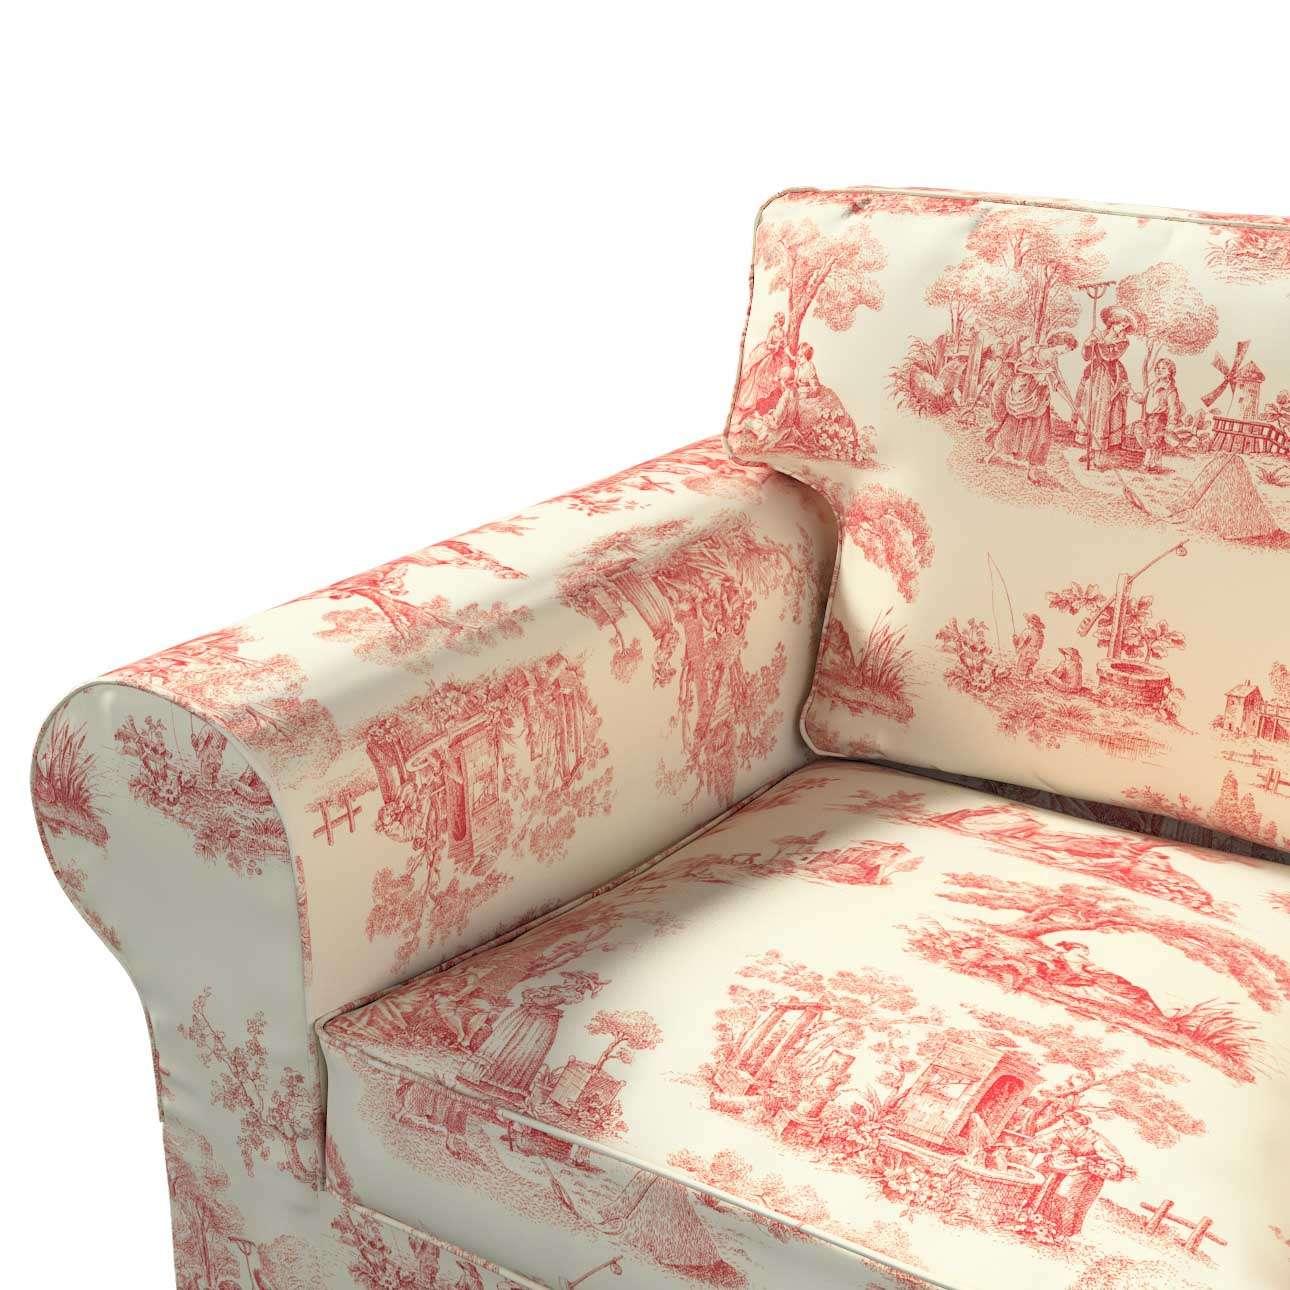 Ektorp 2 sæder Betræk uden sofa fra kollektionen Avinon, Stof: 132-15